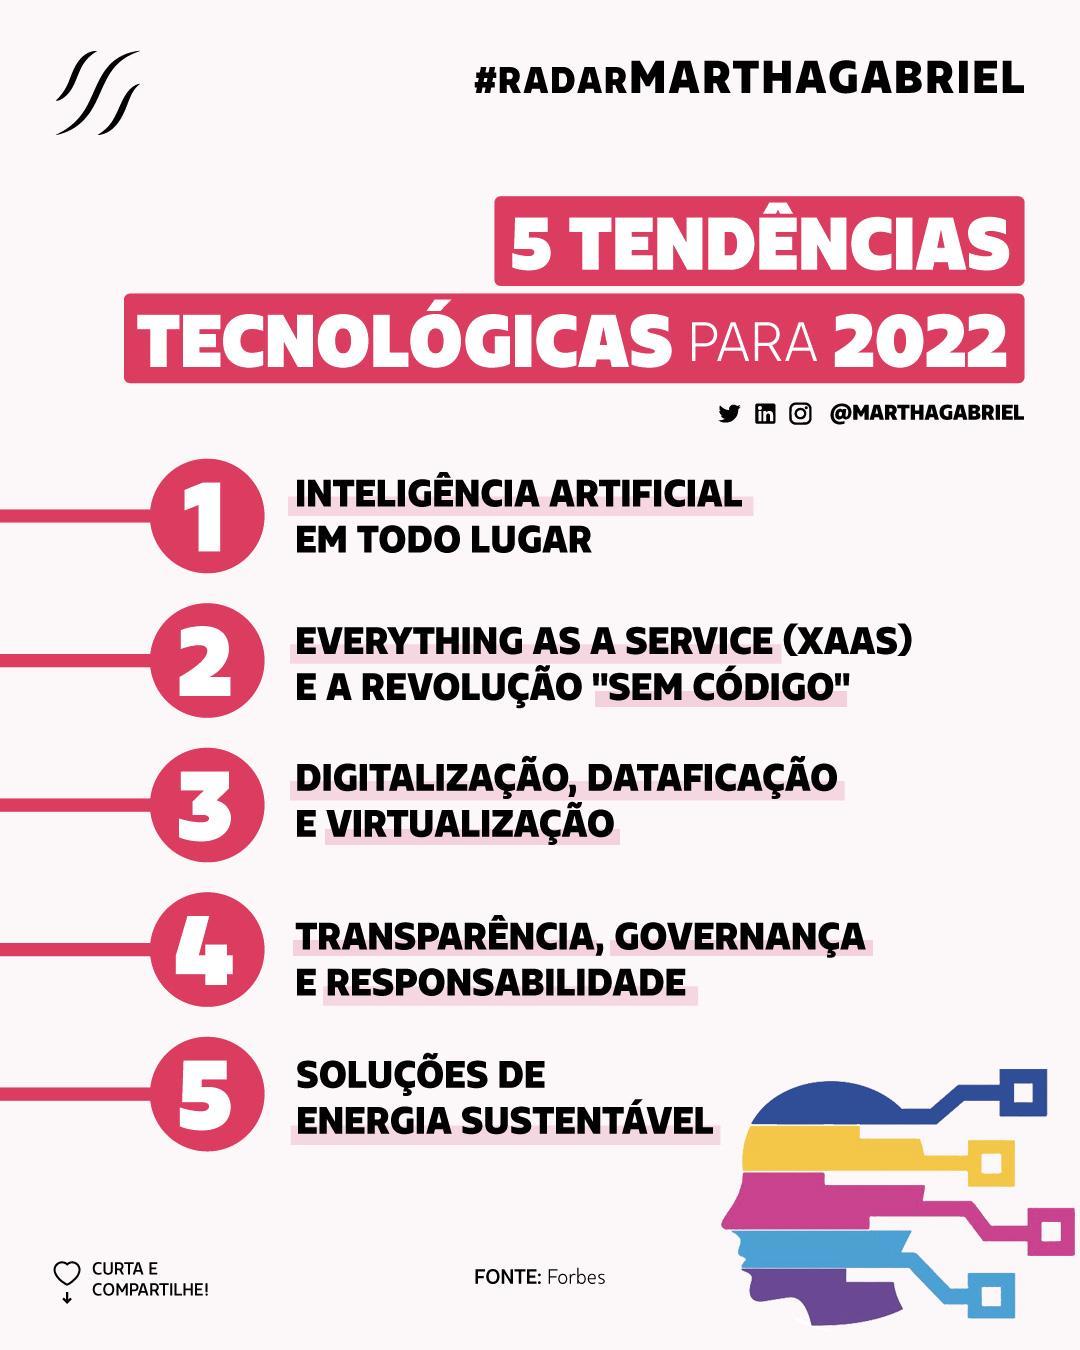 5 Tendências Tecnológicas para 2022